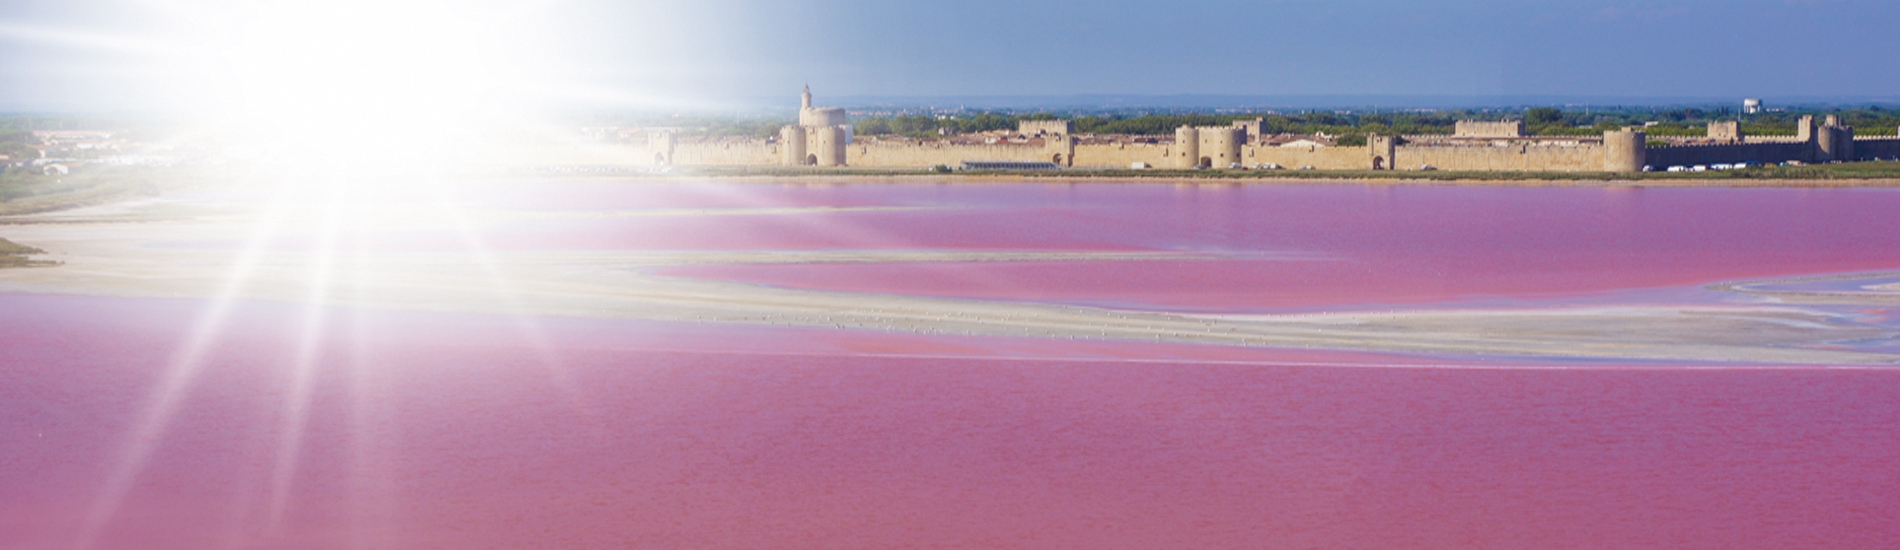 Eclae prodige des eaux roses